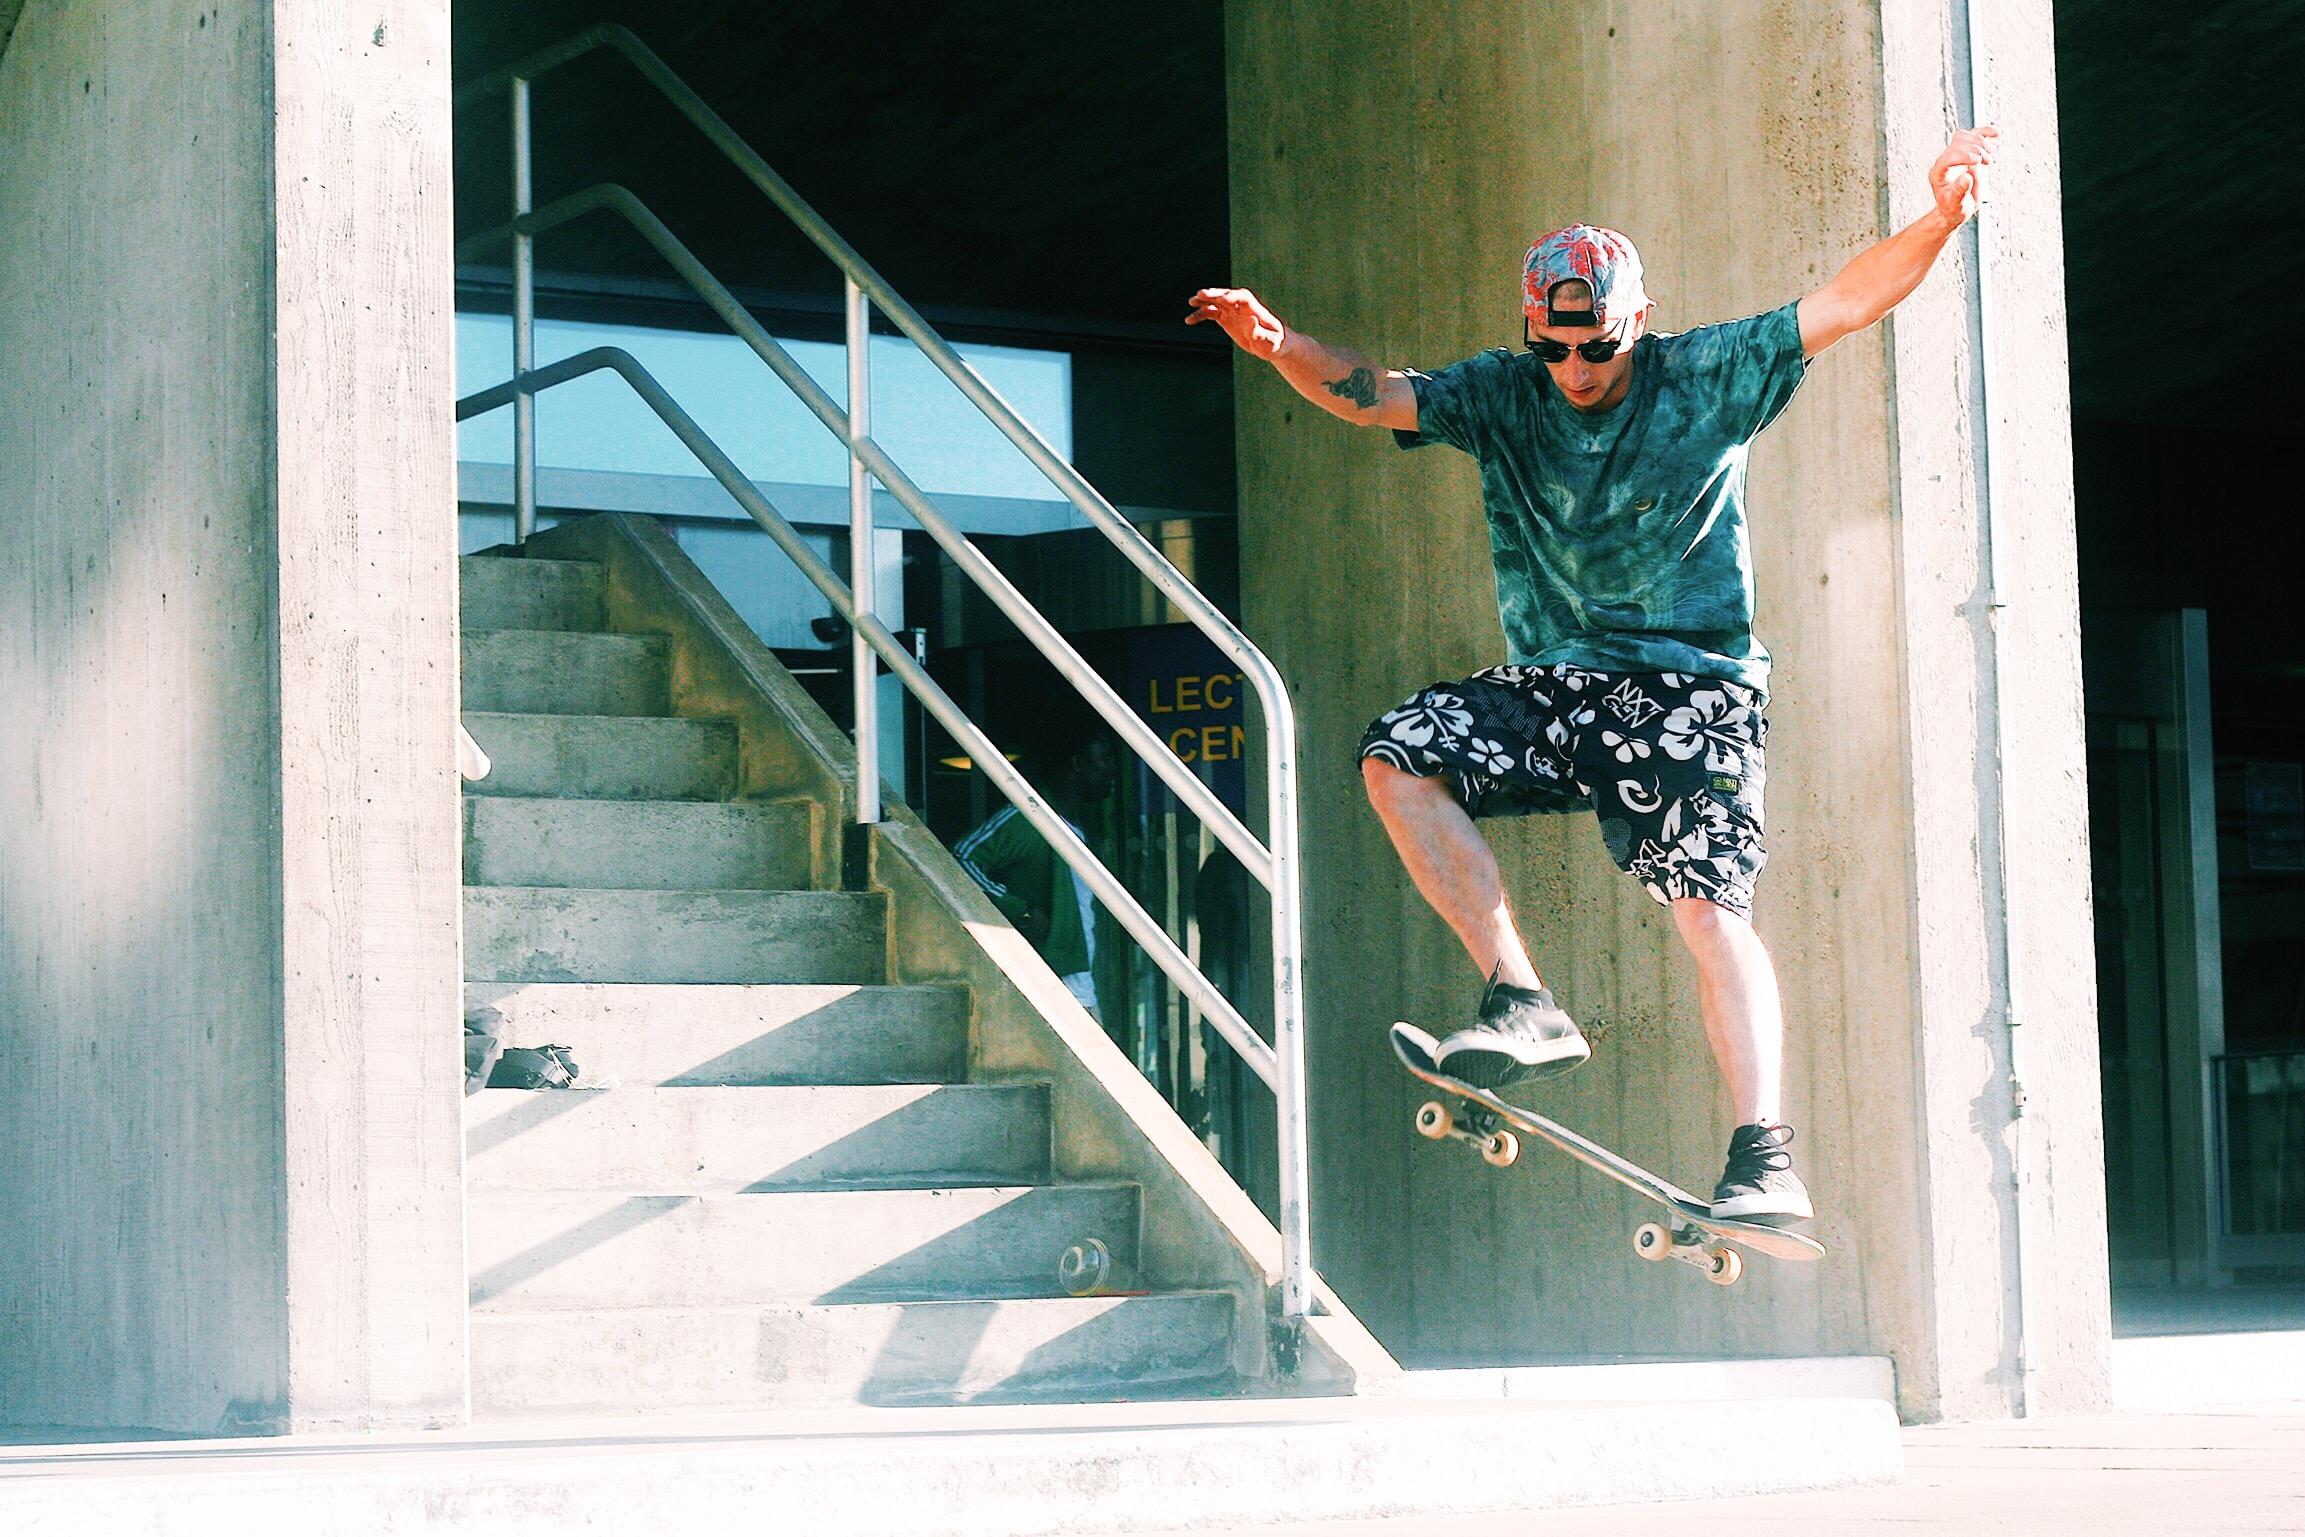 man skateboarding near stairs during daytime